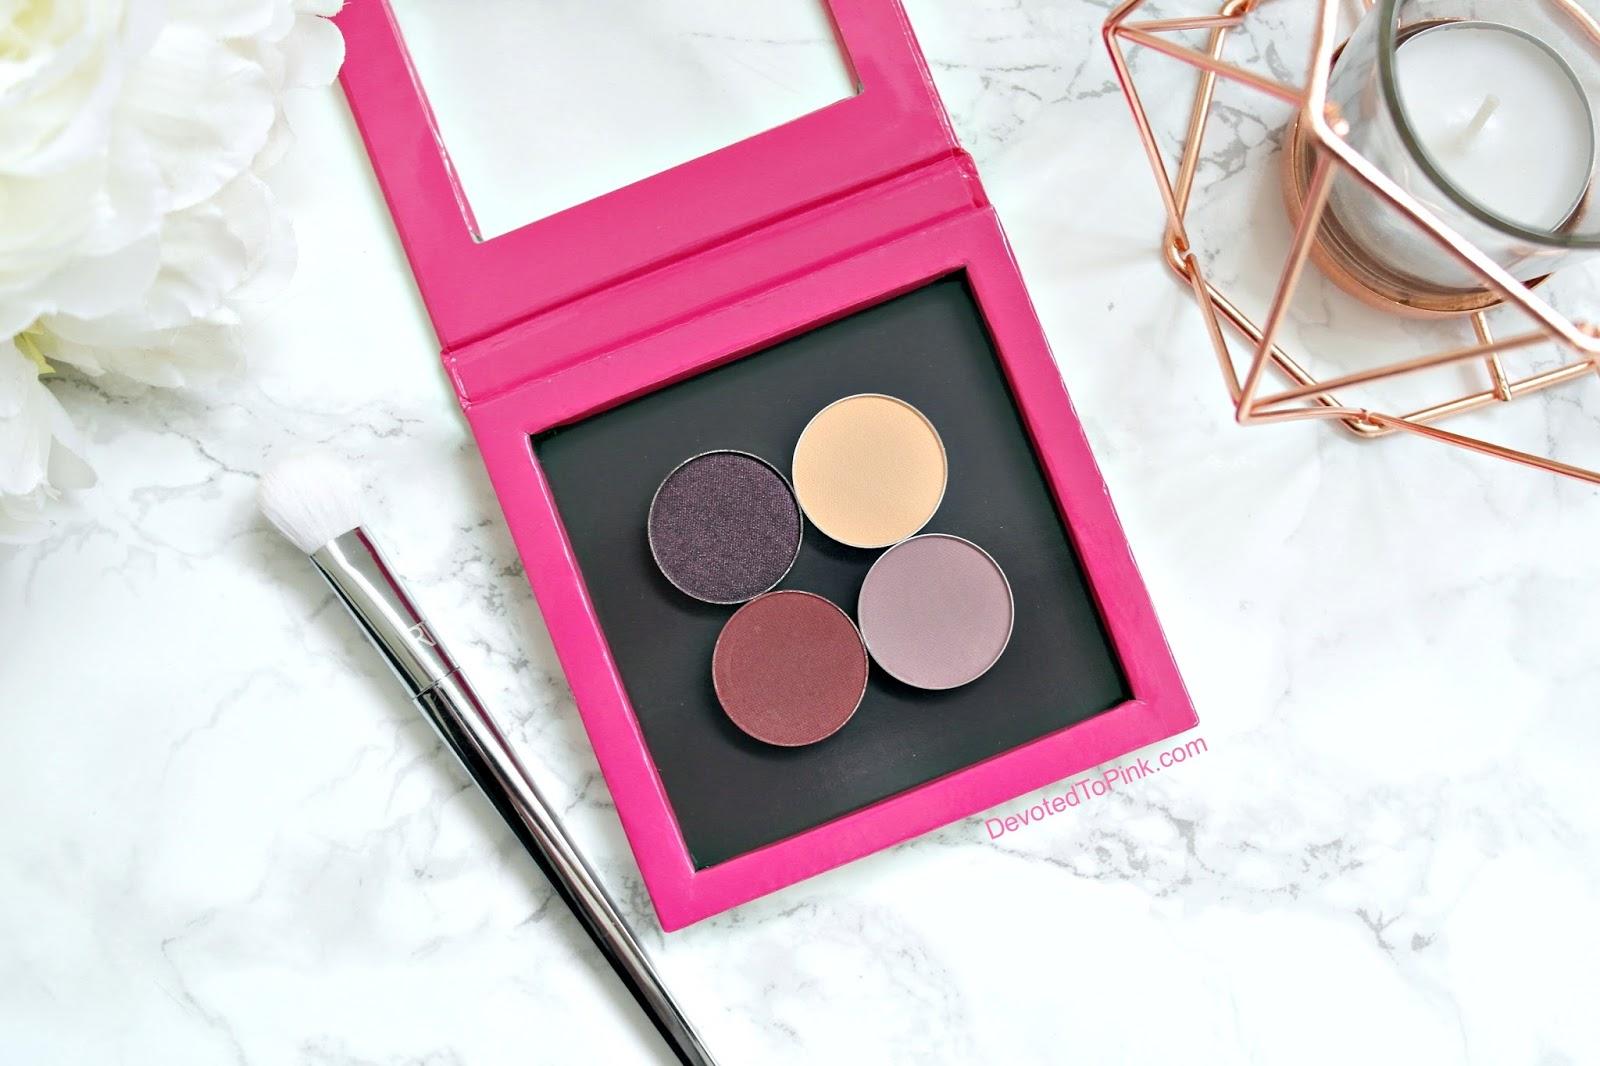 Makeup Geek Eyeshadow Review - Bitten, Peach Smoothie, Drama Queen ...